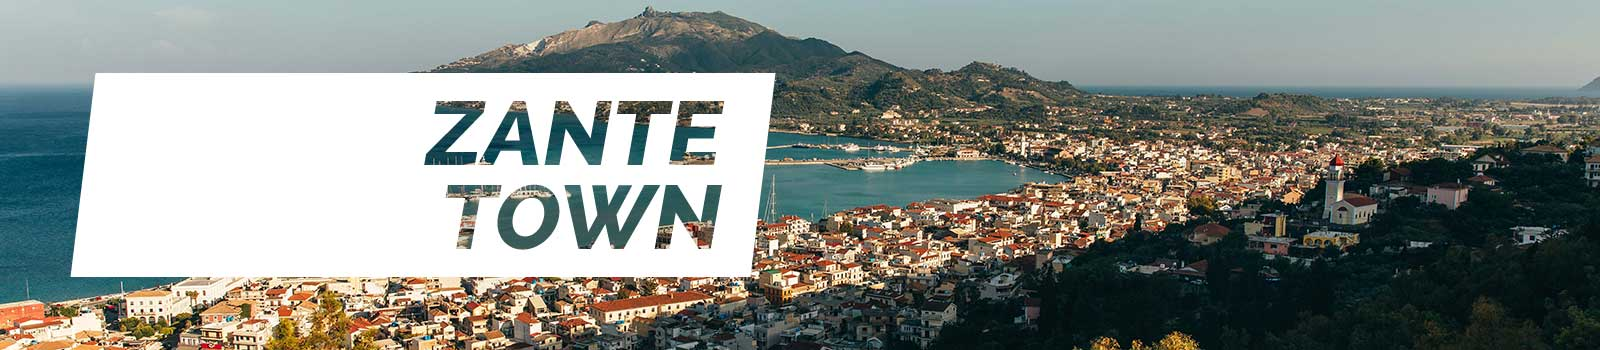 zante-b14-zante-town